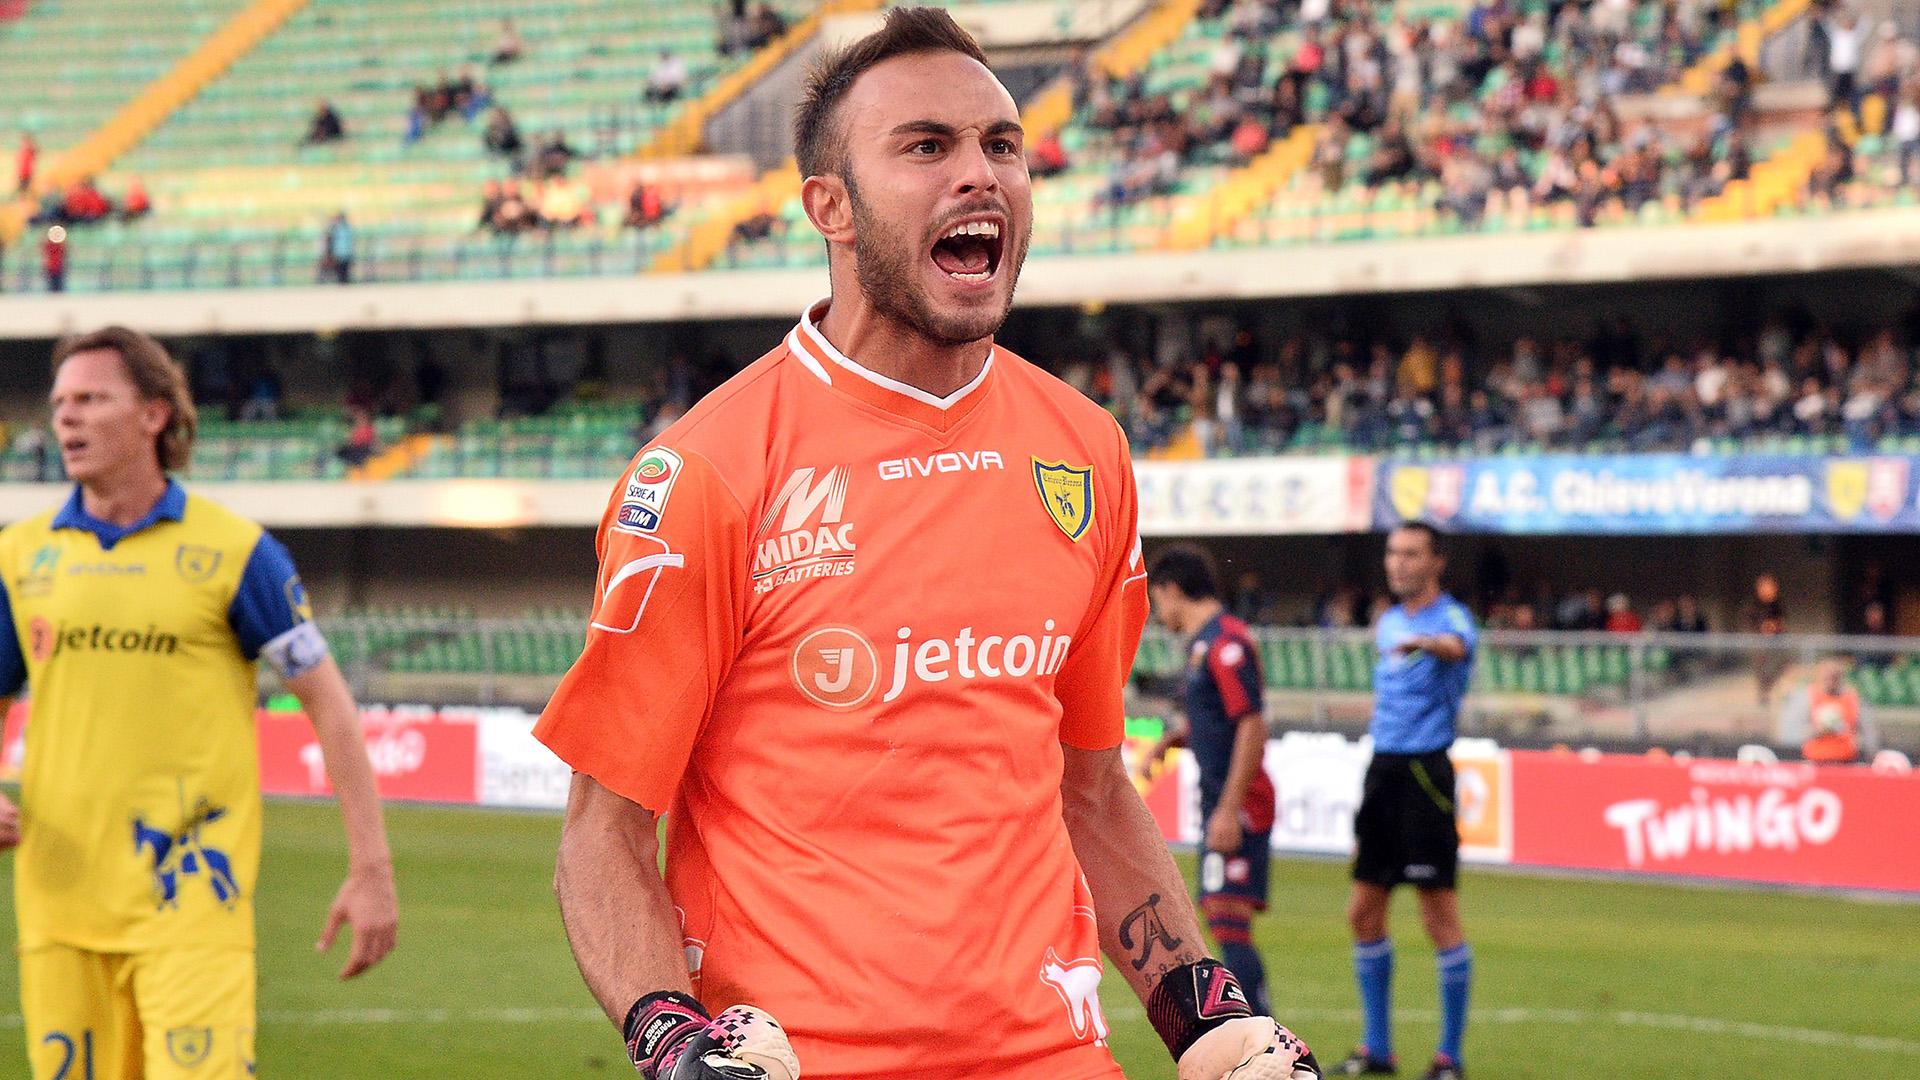 AC Chievo Verona v Genoa CFC - Serie A